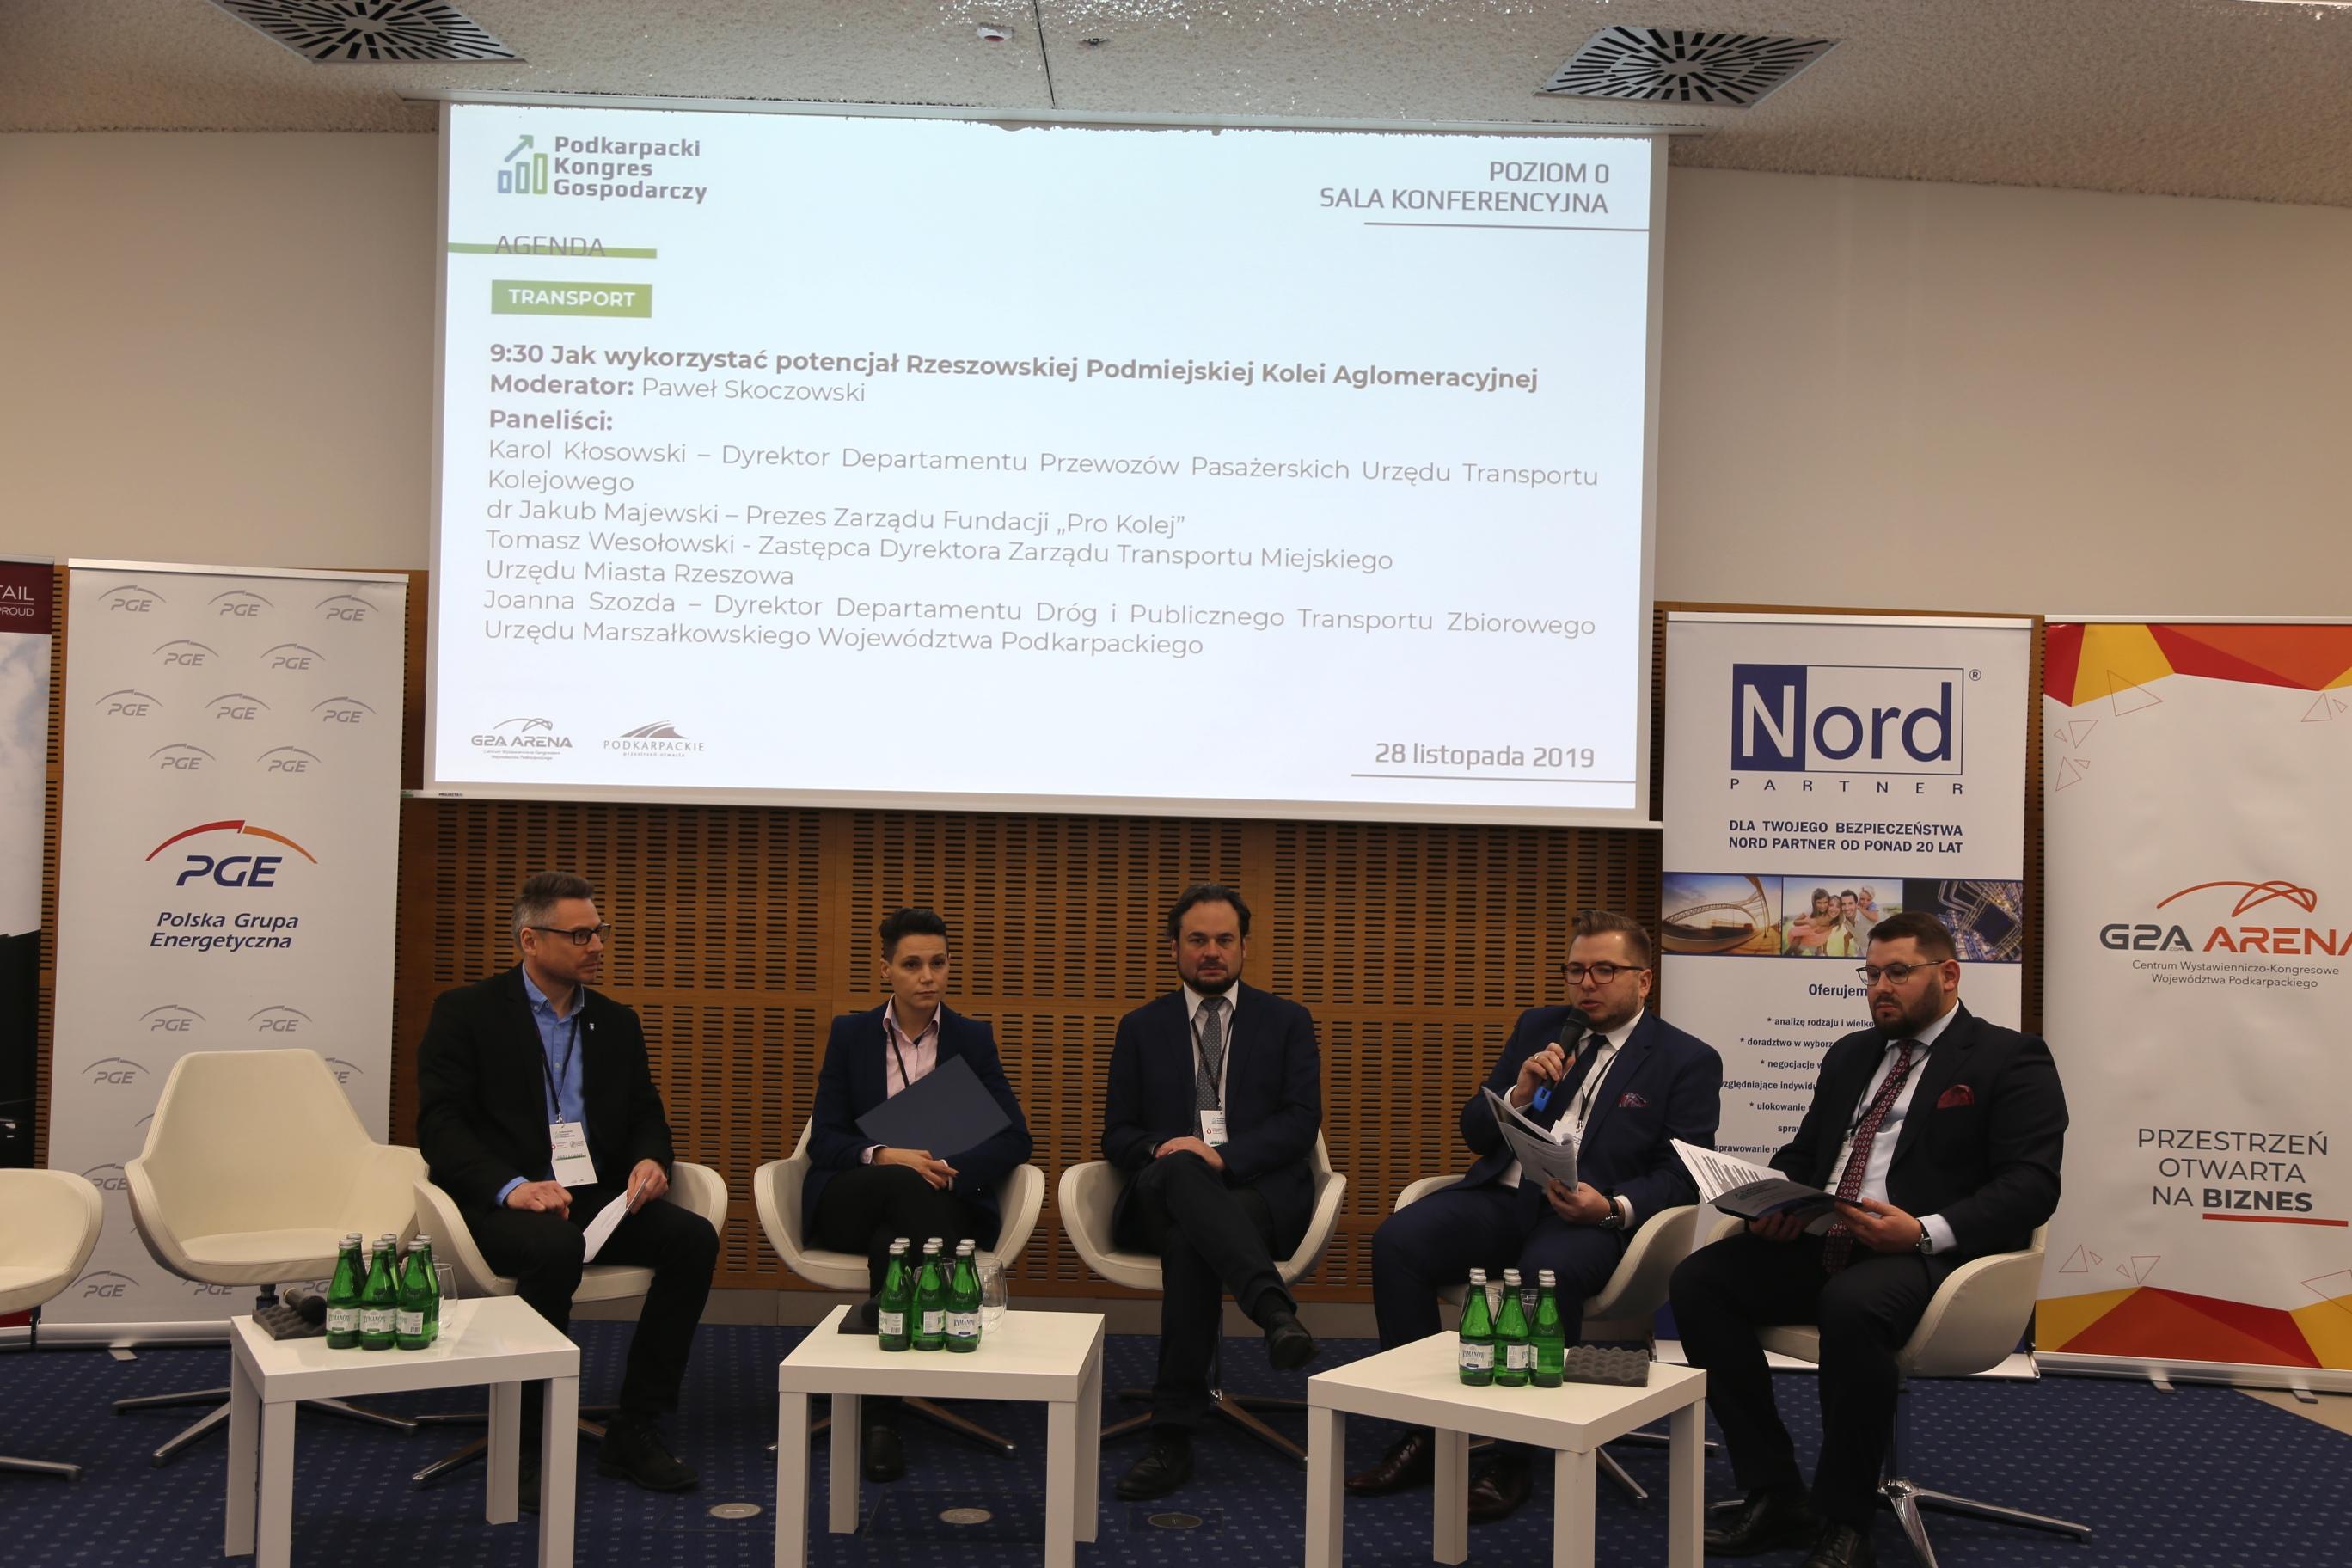 Jak wykorzystać potencjał Rzeszowskiej Podmiejskiej Kolei Aglomeracyjnej?